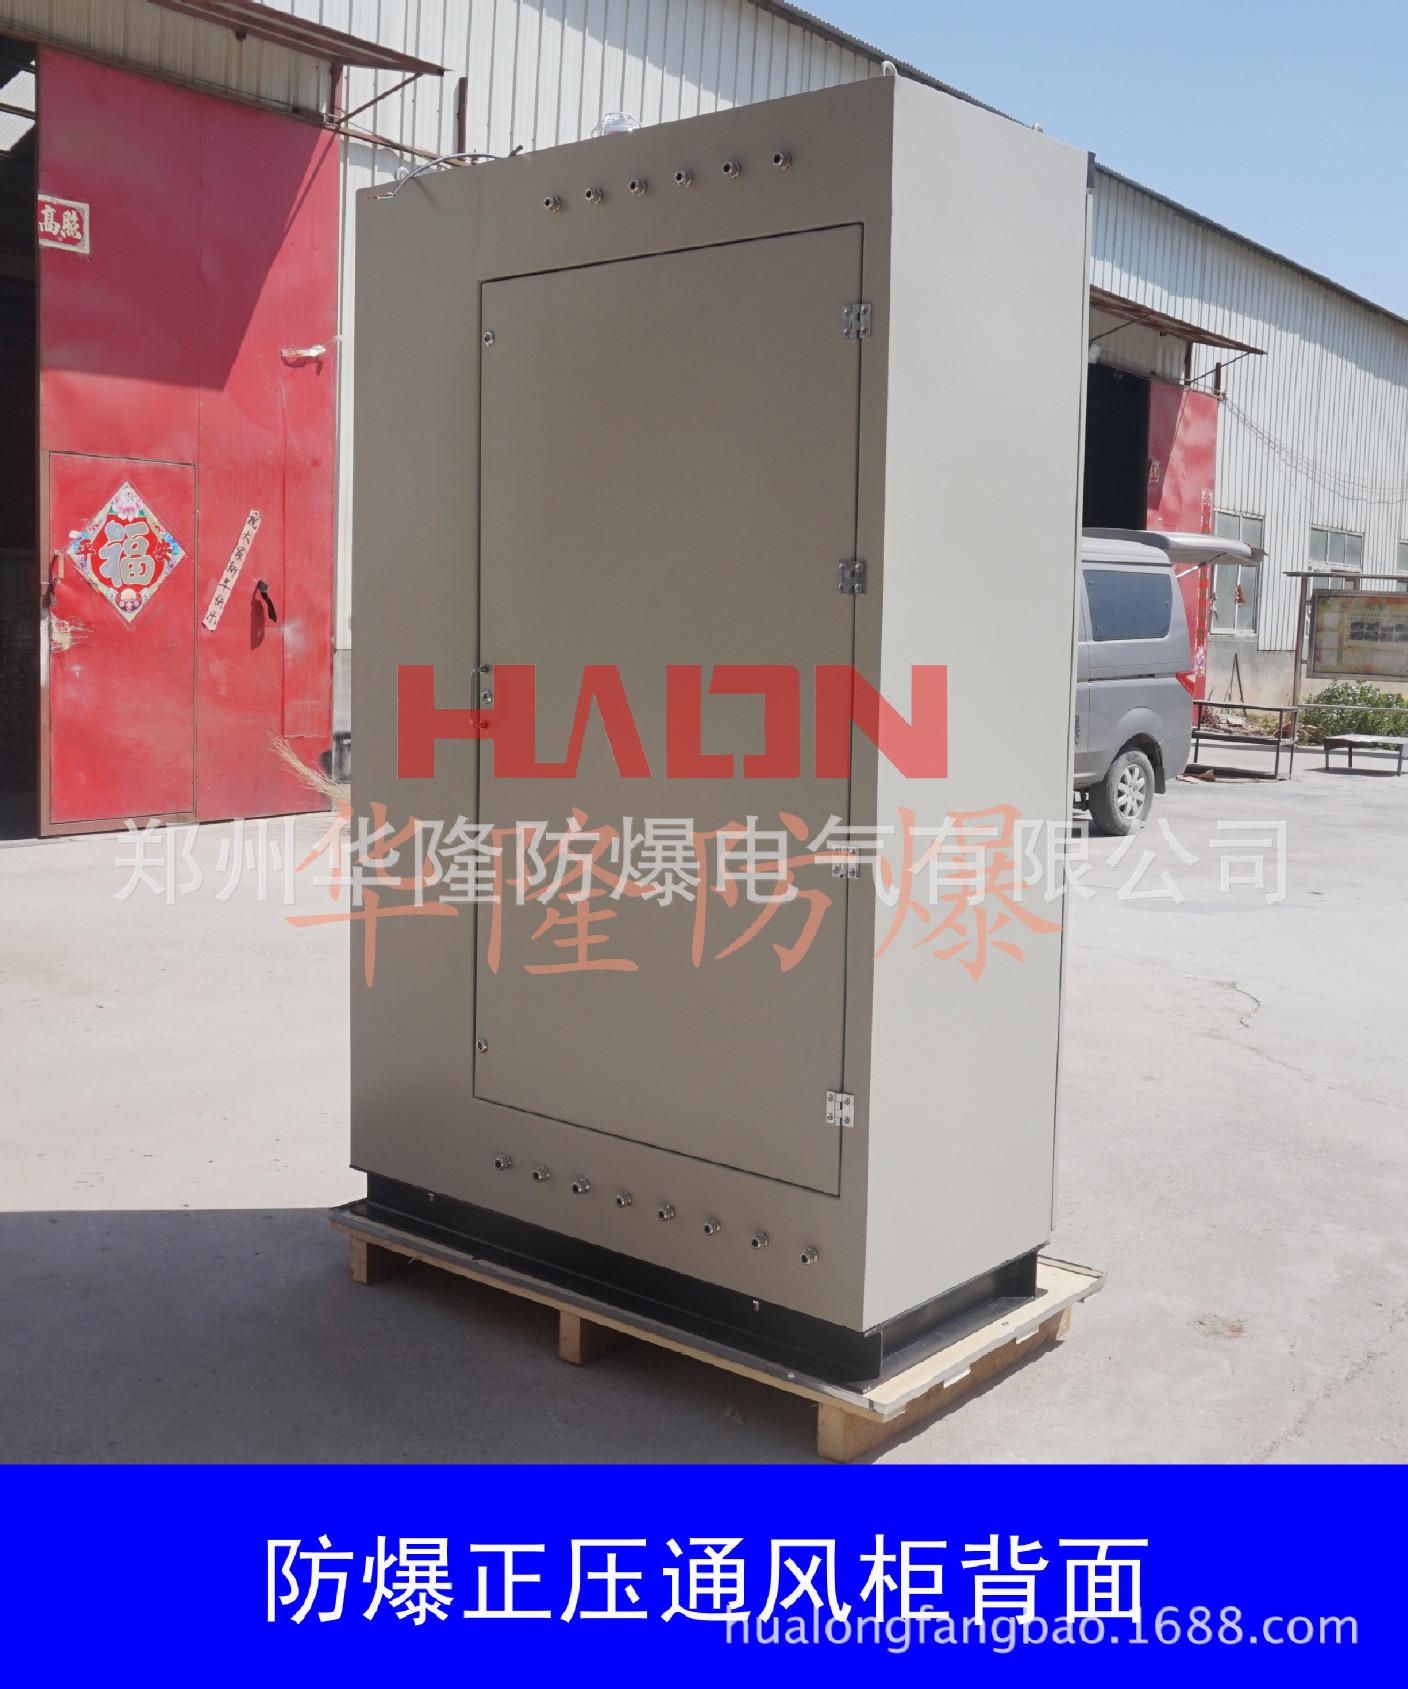 分析仪器防爆柜 厂家定做正压型防爆配电柜 PLC防爆控制柜示例图1